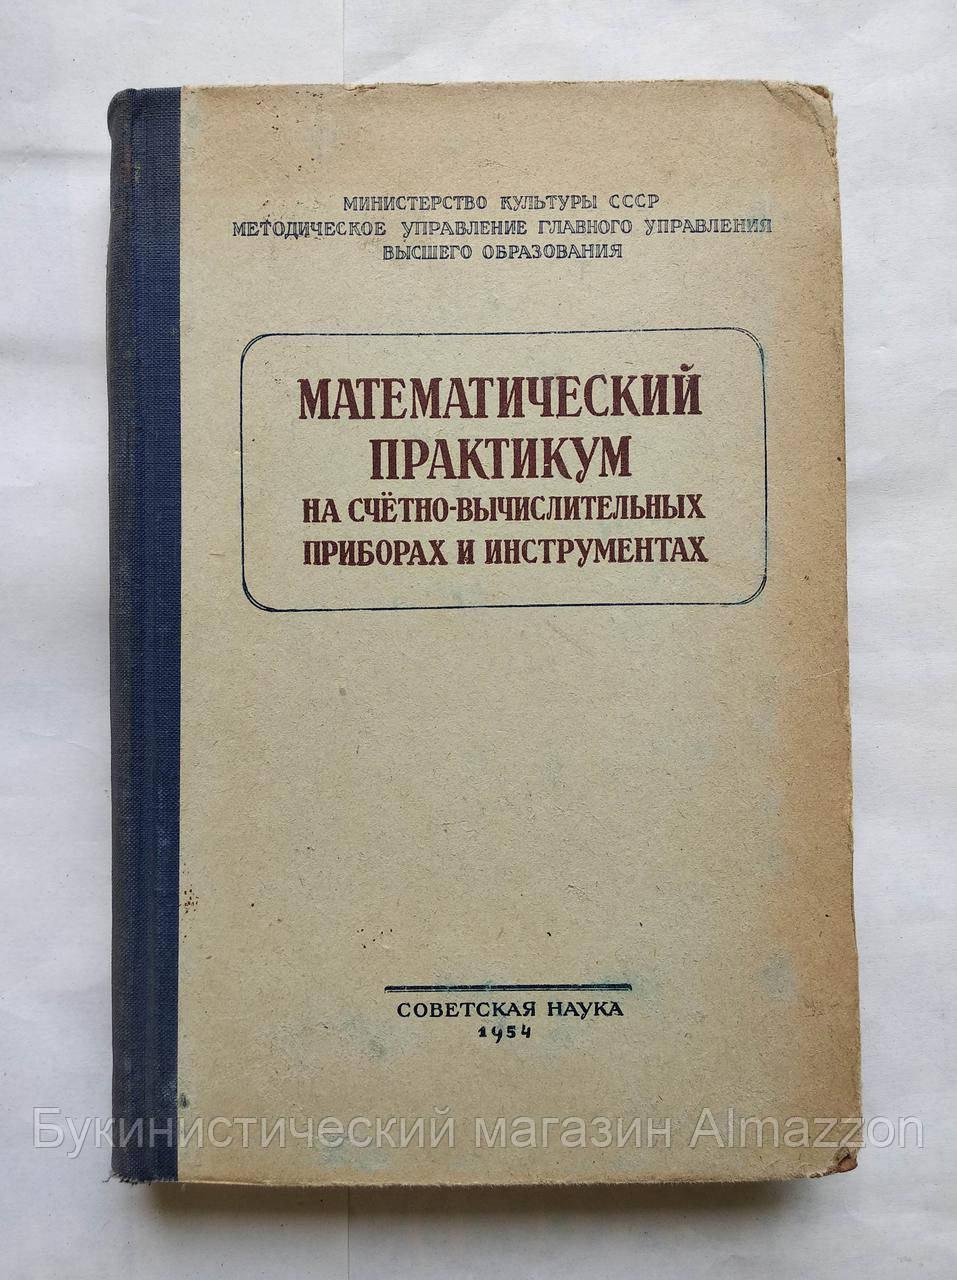 Математический практикум на счетно-вычислительных приборах и инструментах. 1954 год